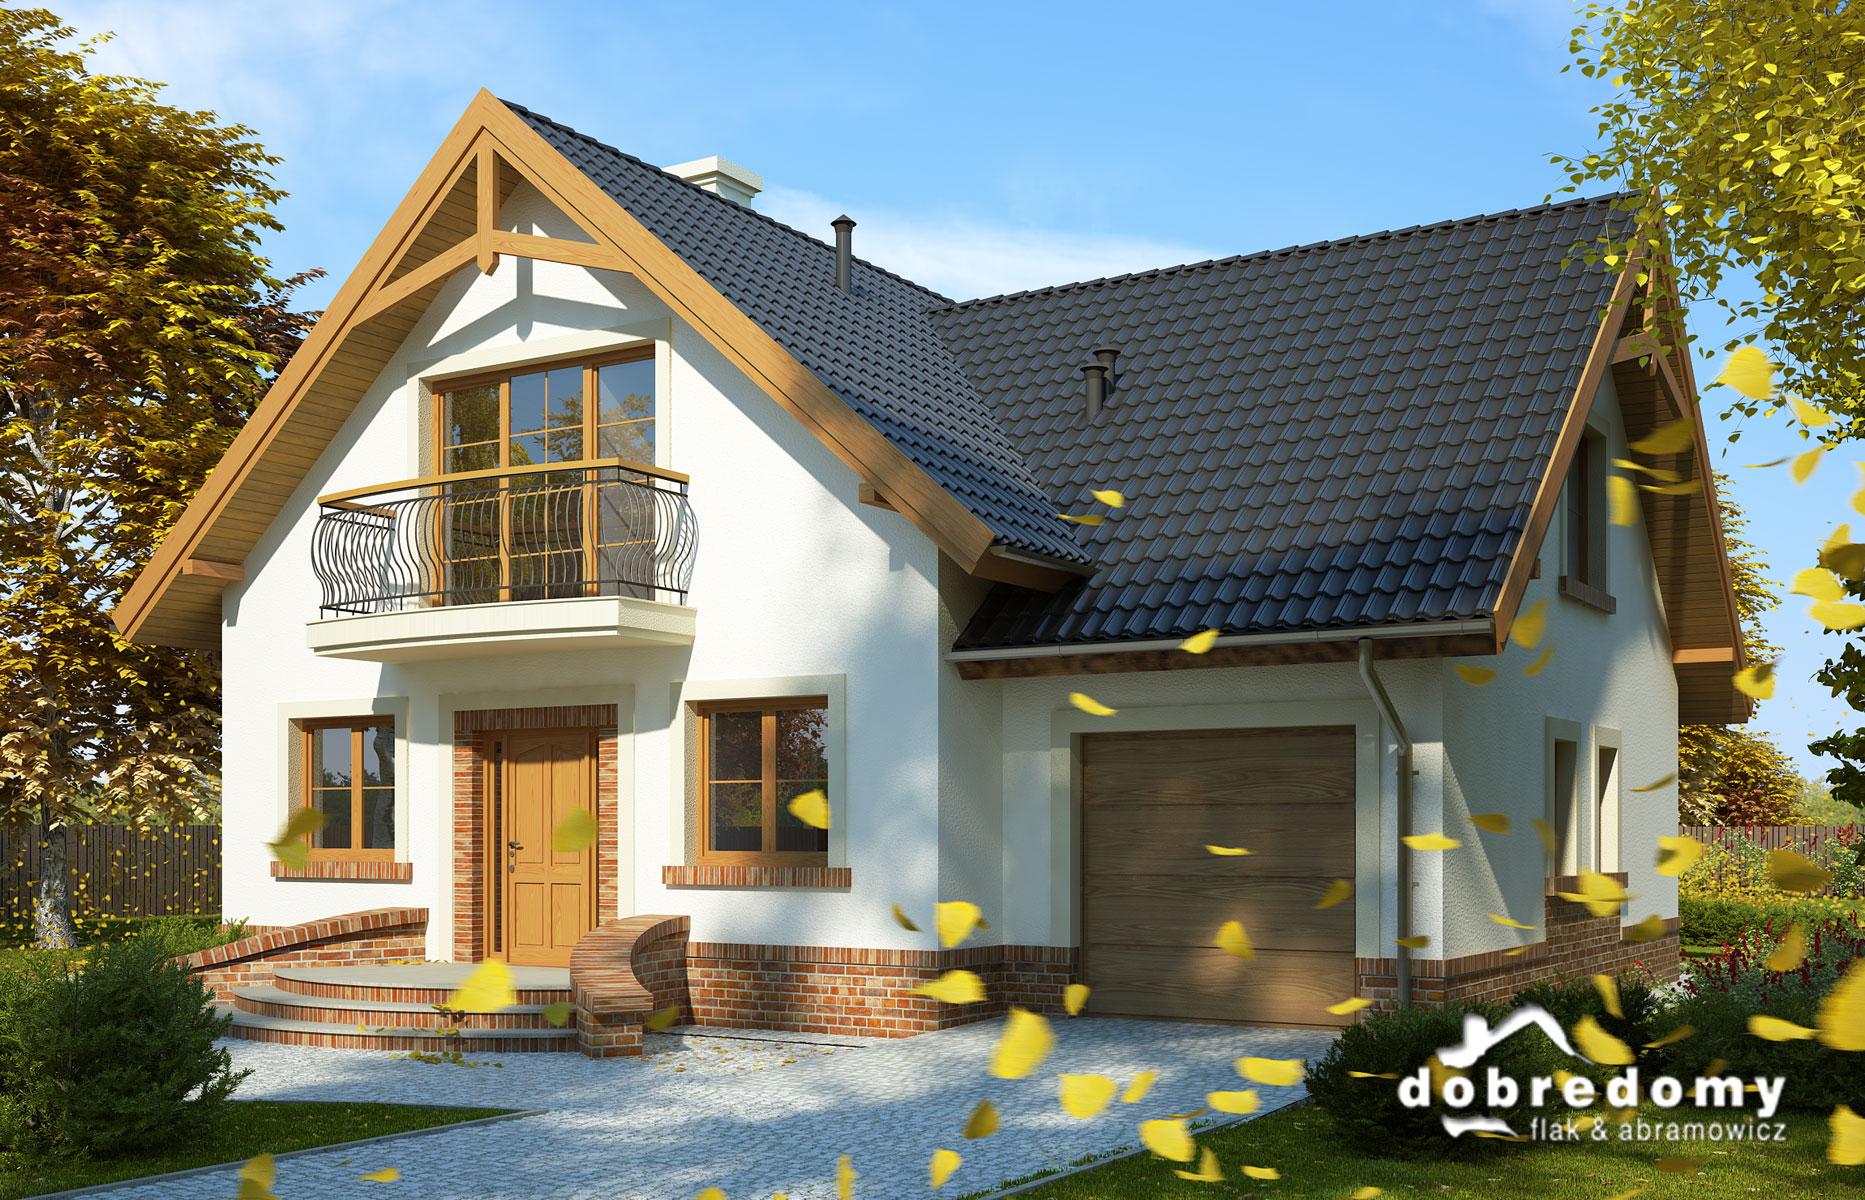 Projekt Domu A Oświetlenie Dobre Domy Flak Abramowicz